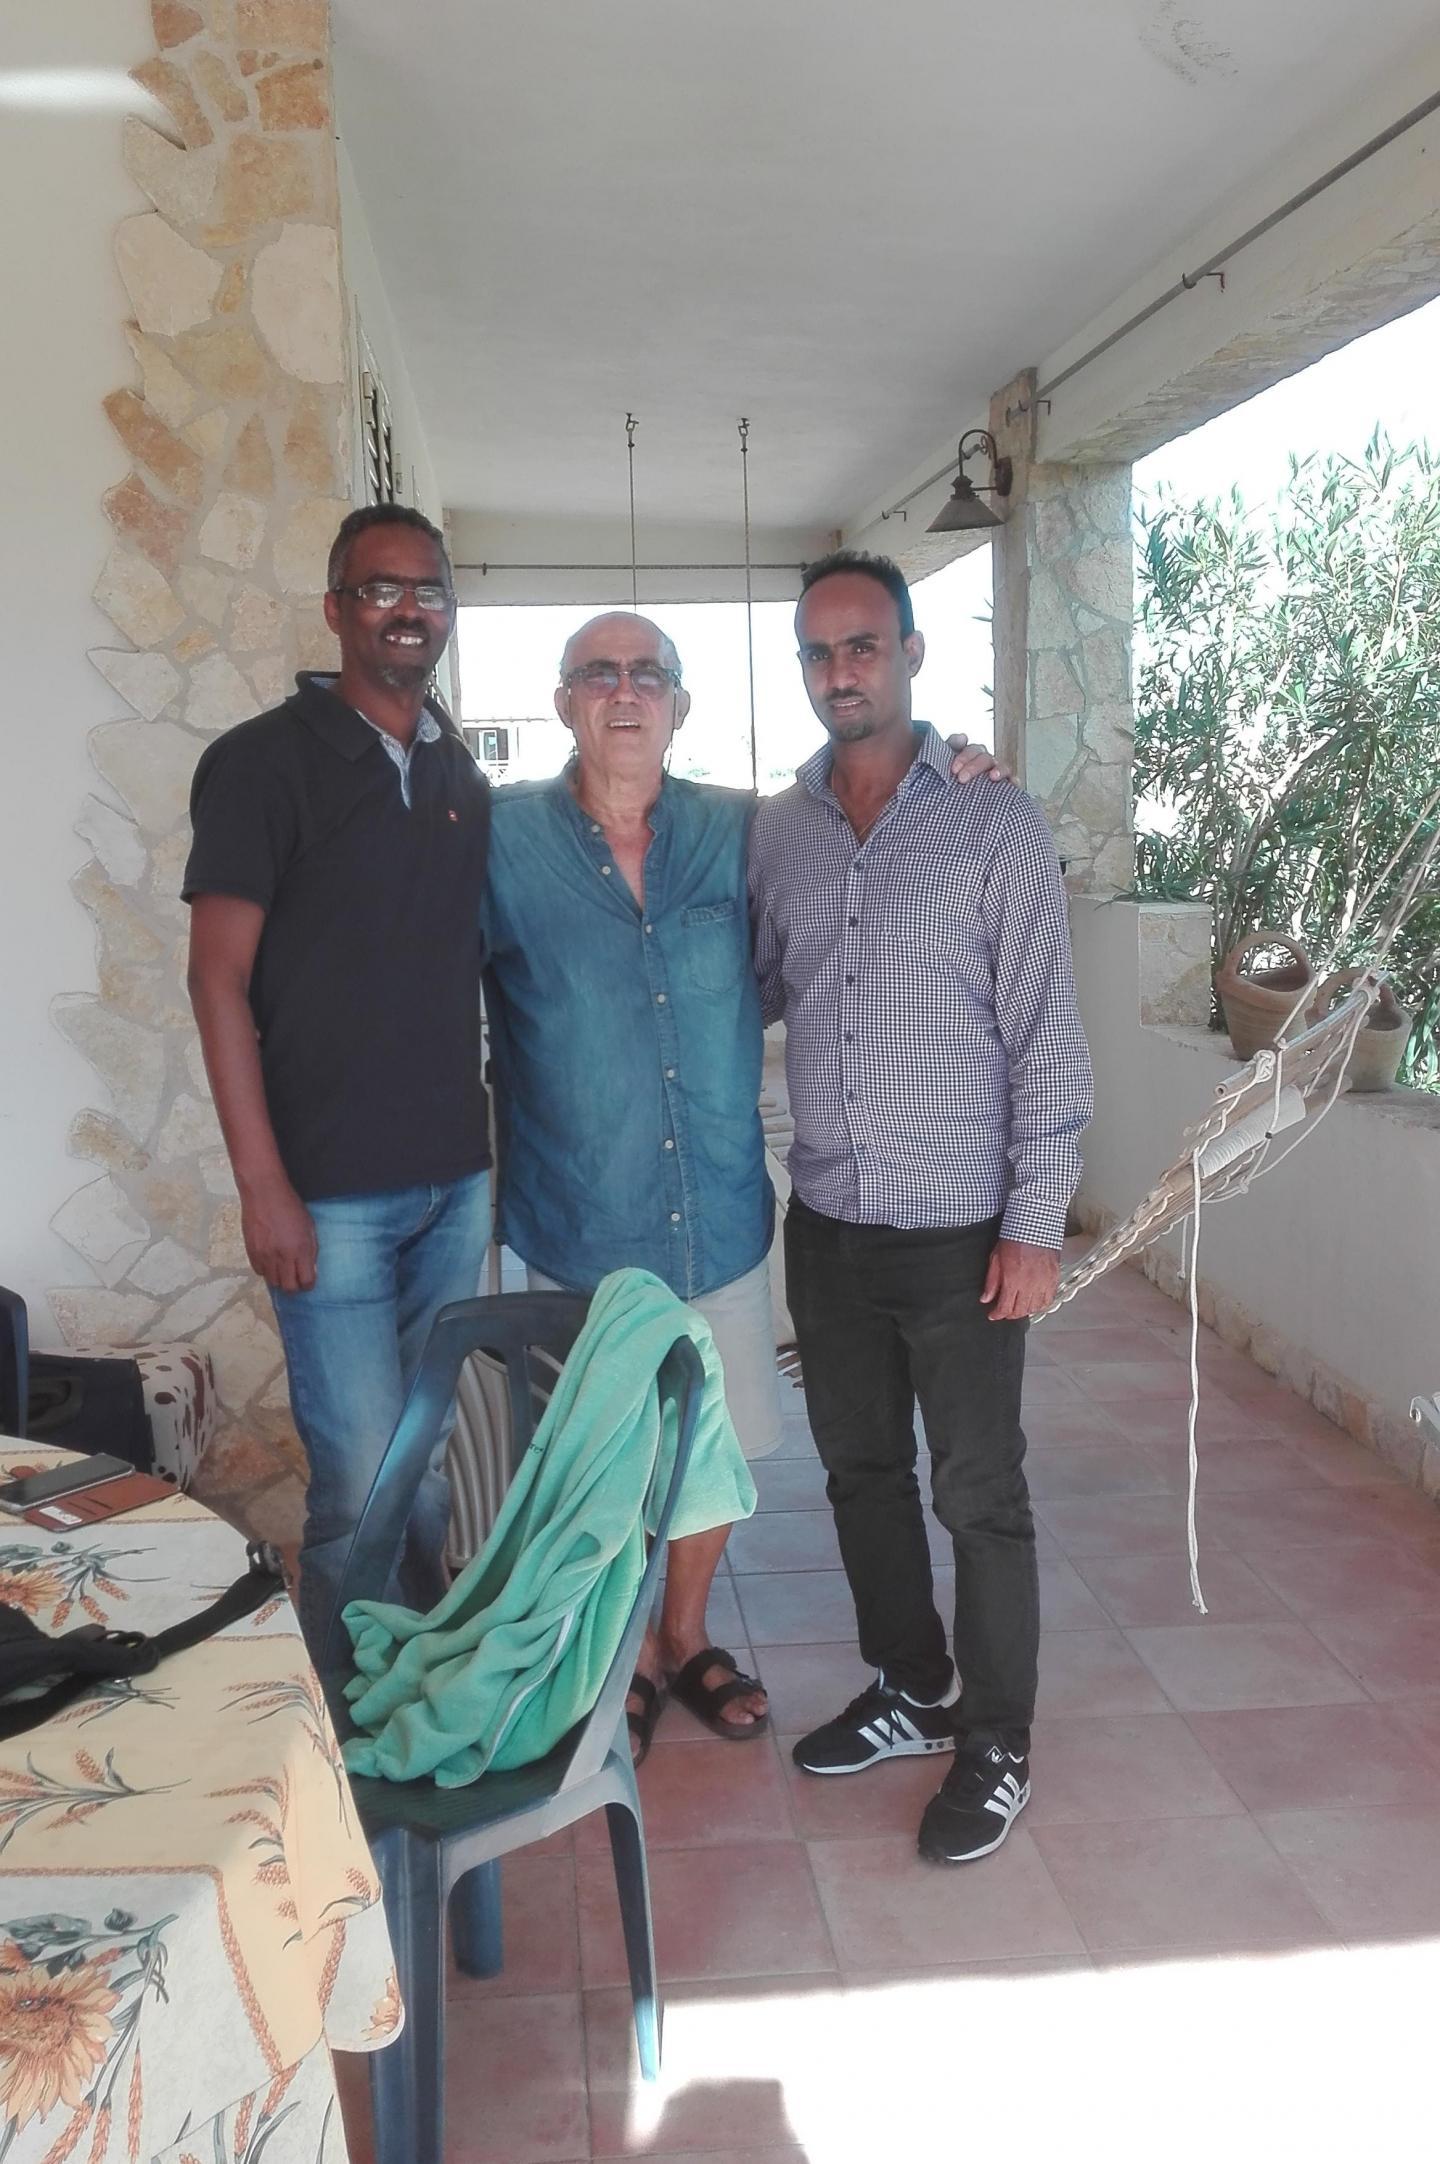 Vito Fiorino insieme a due ragazzi sopravvissuti al naufragio del 3 ottobre 2013